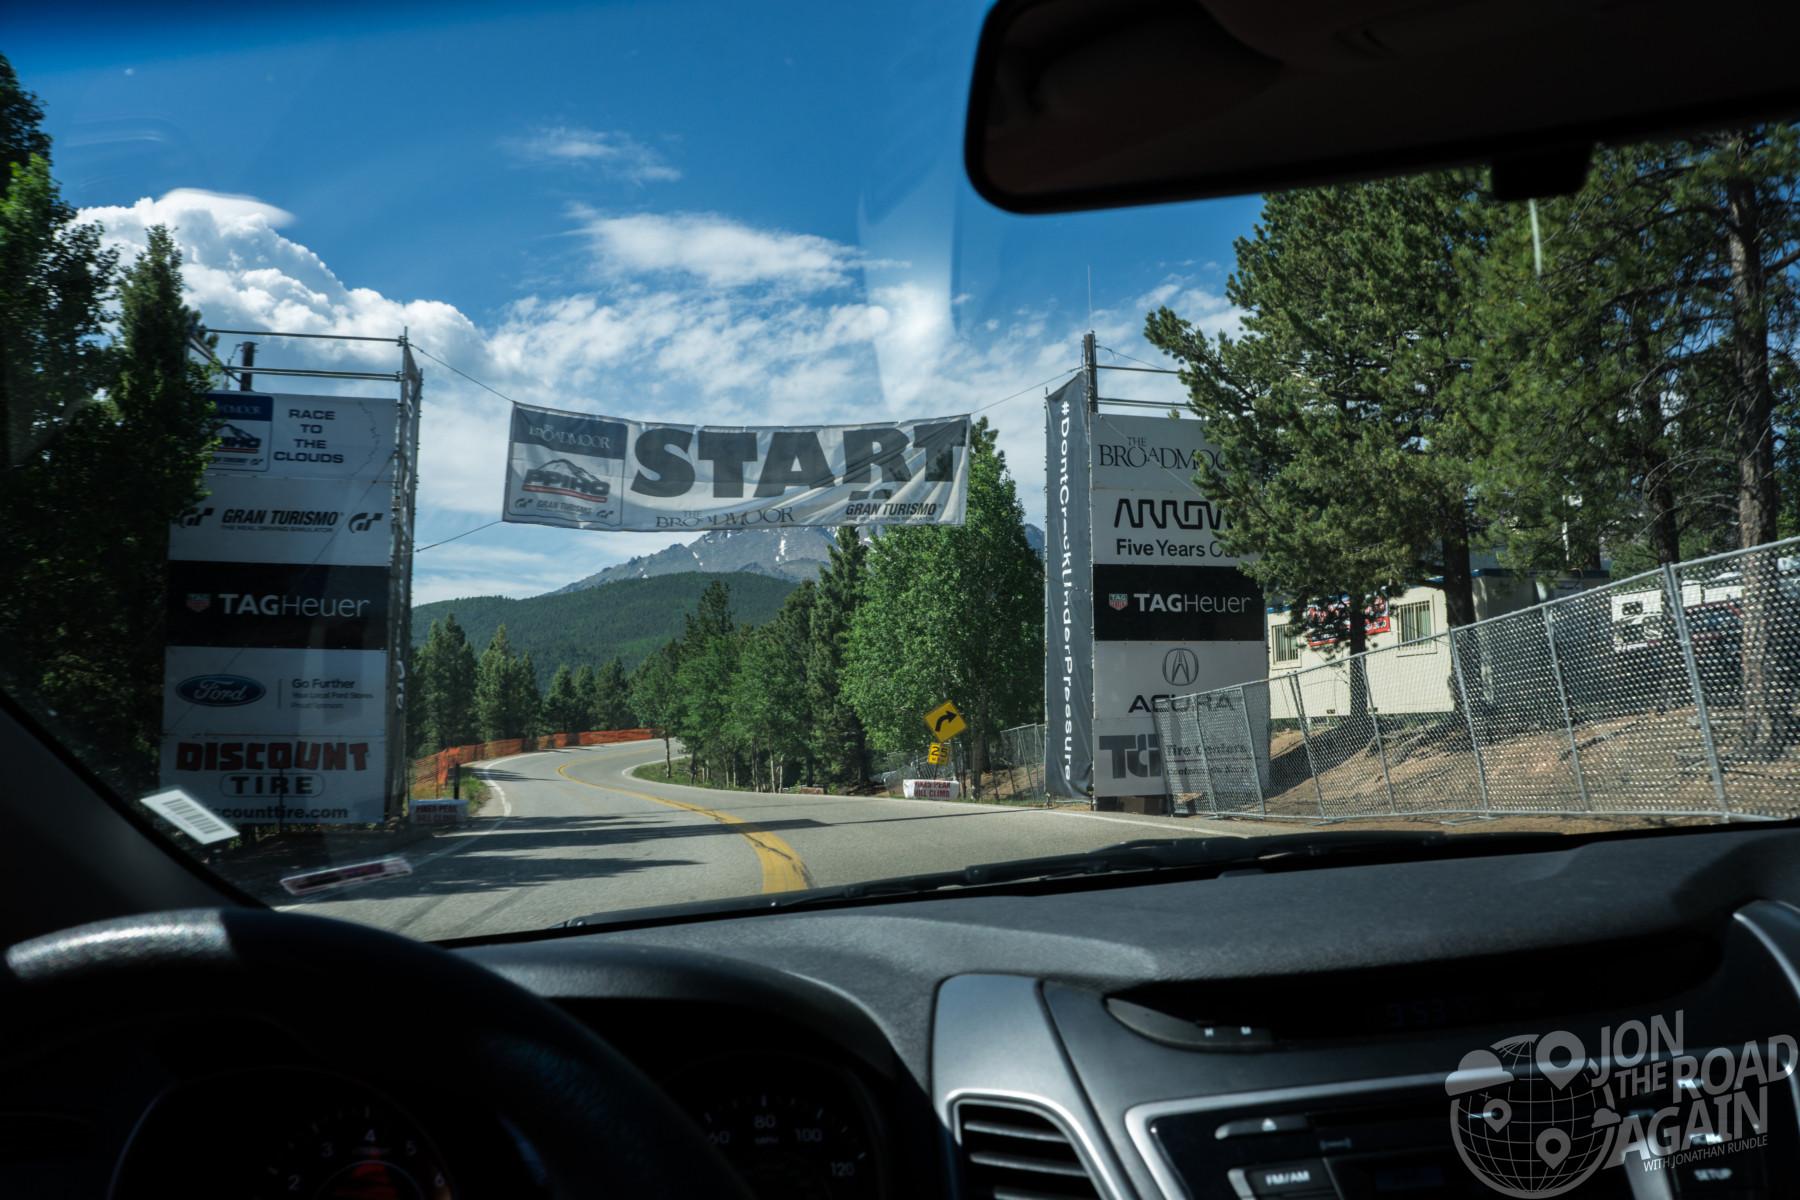 Pikes Peak Start line